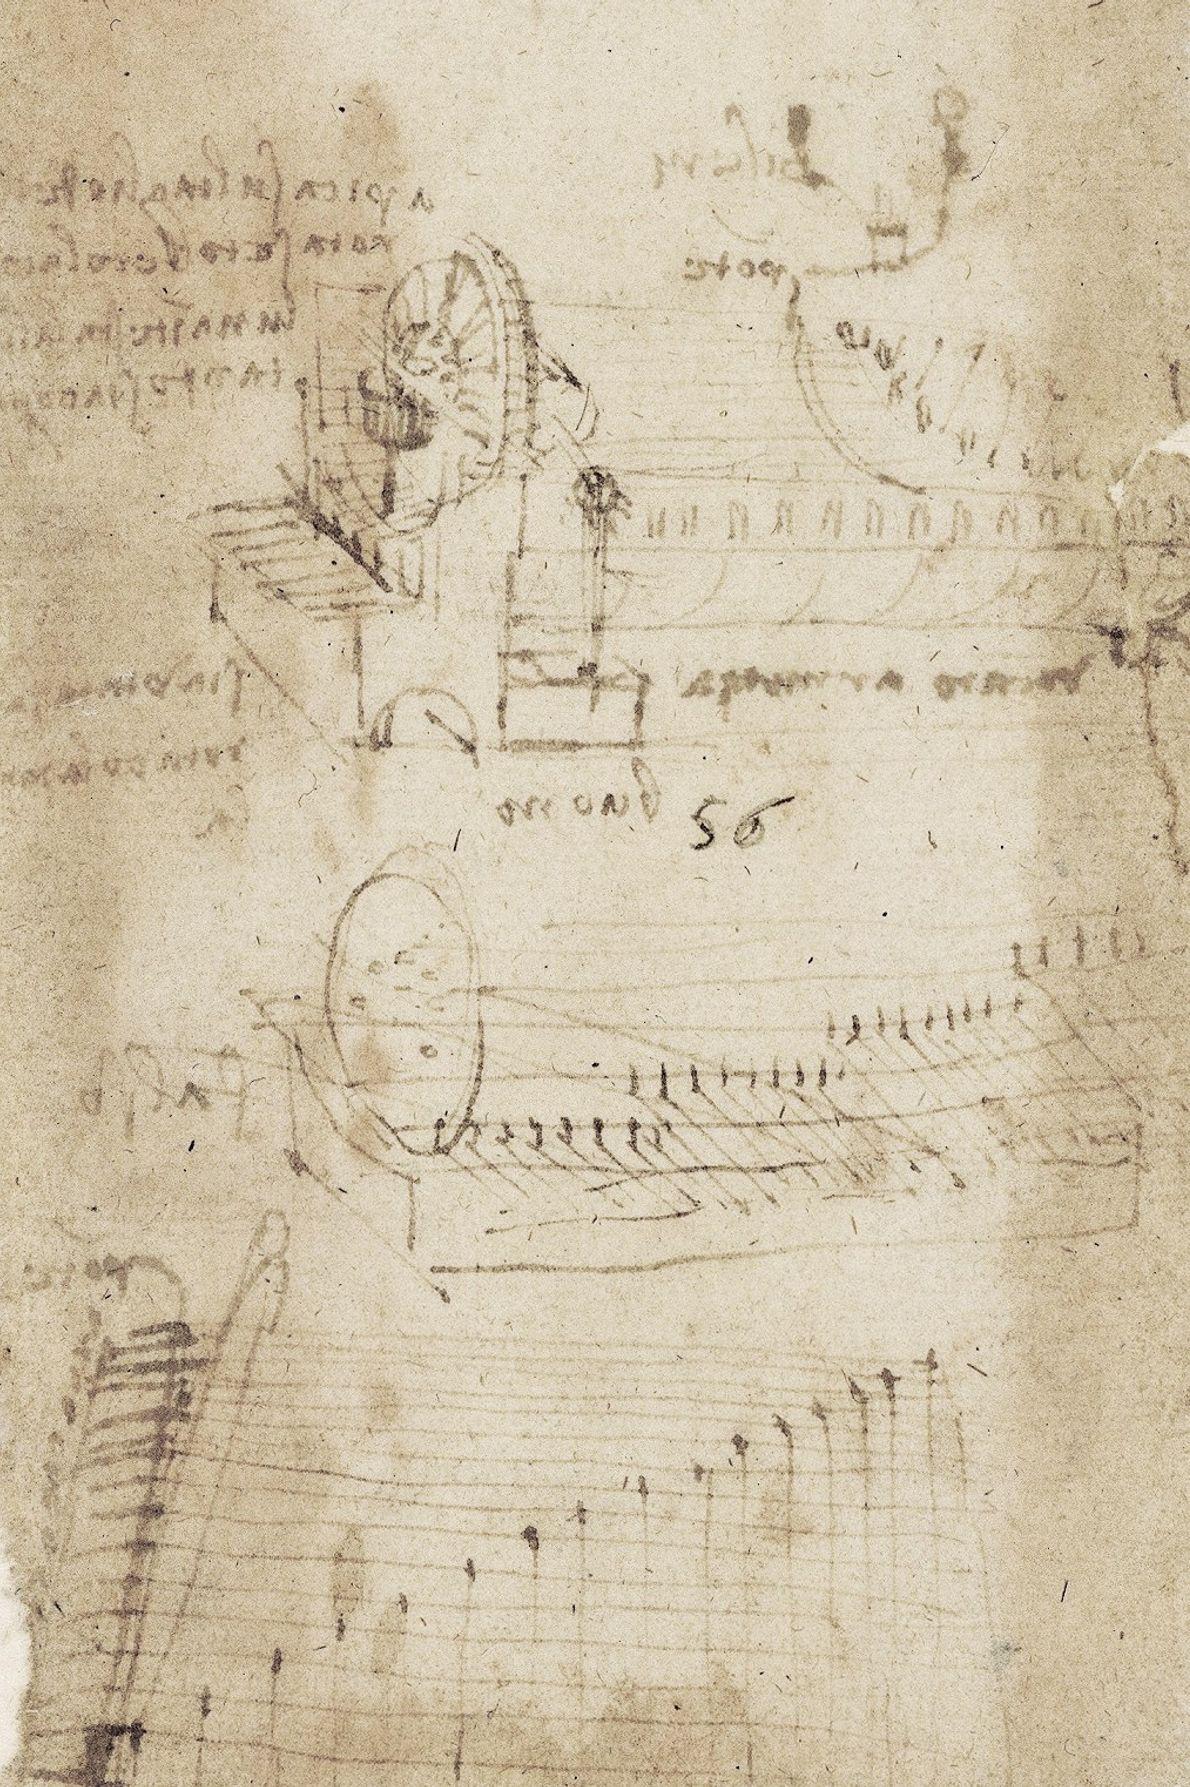 Musicien de talent, Léonard a étudié l'acoustique, chanté et improvisé des mélodies sur sa lire da ...